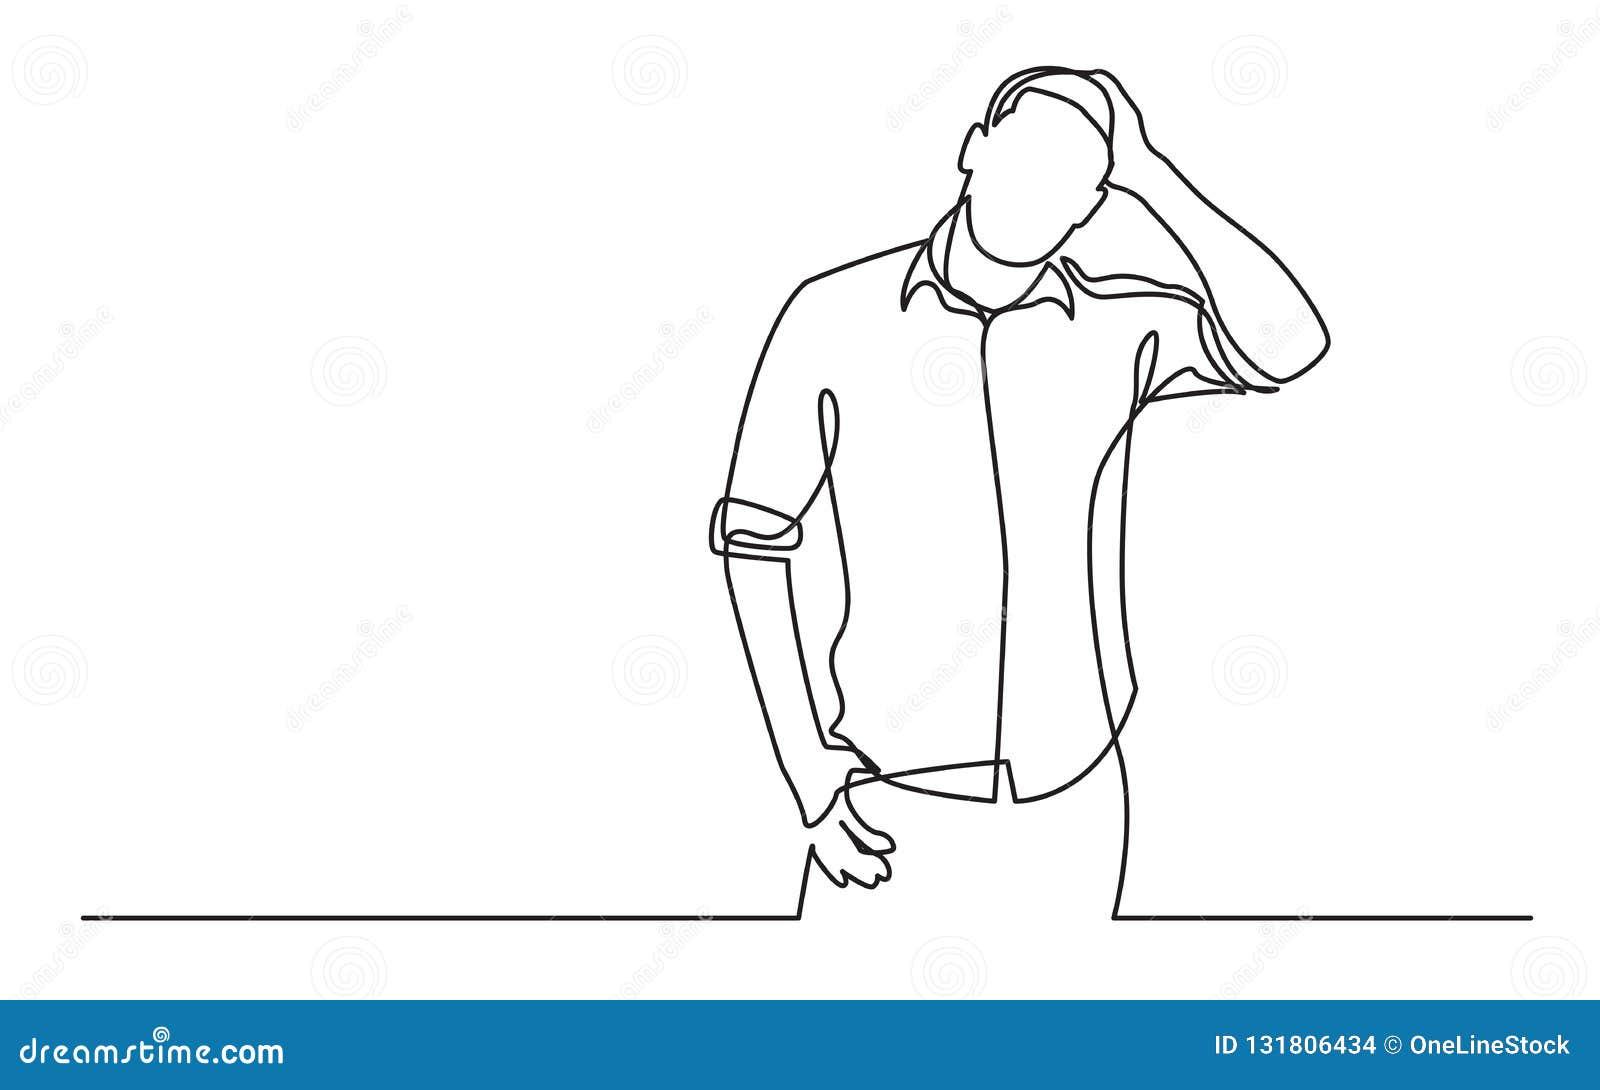 Disegno a tratteggio continuo di stare uomo frustrato in camicia